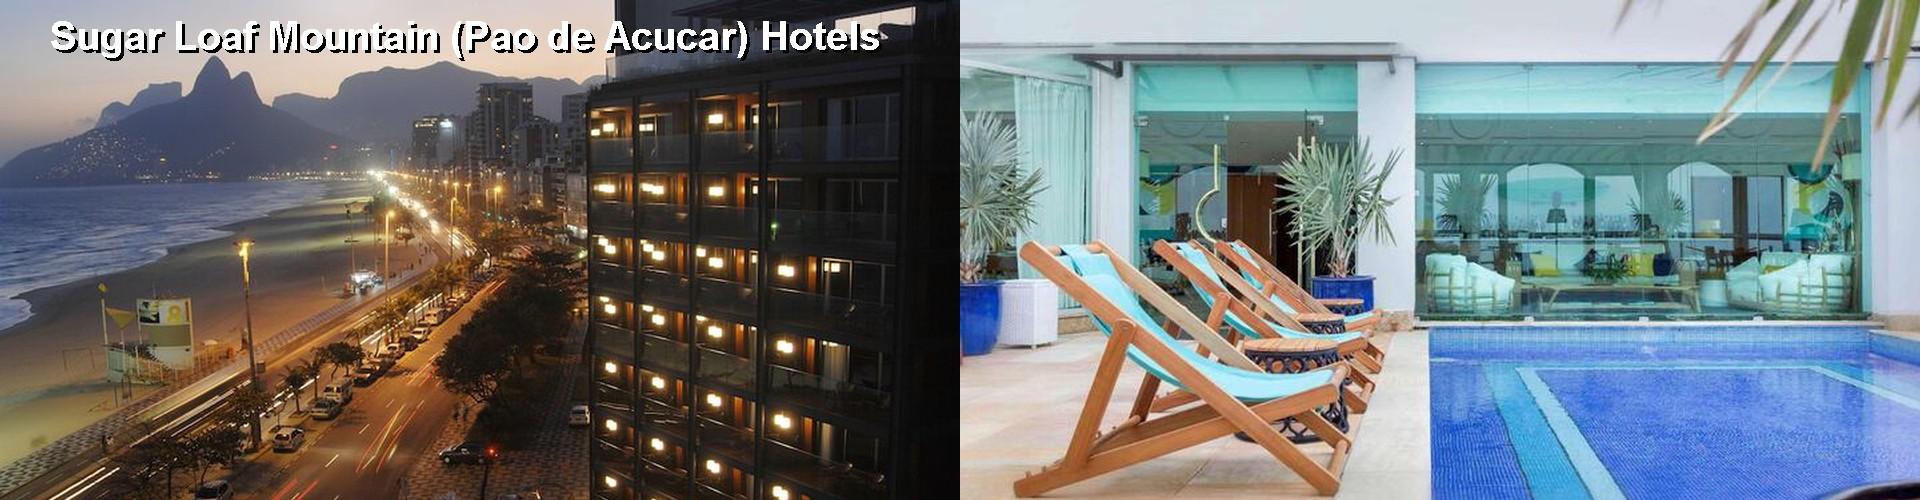 5 Best Hotels Near Sugar Loaf Mountain Pao De Acucar